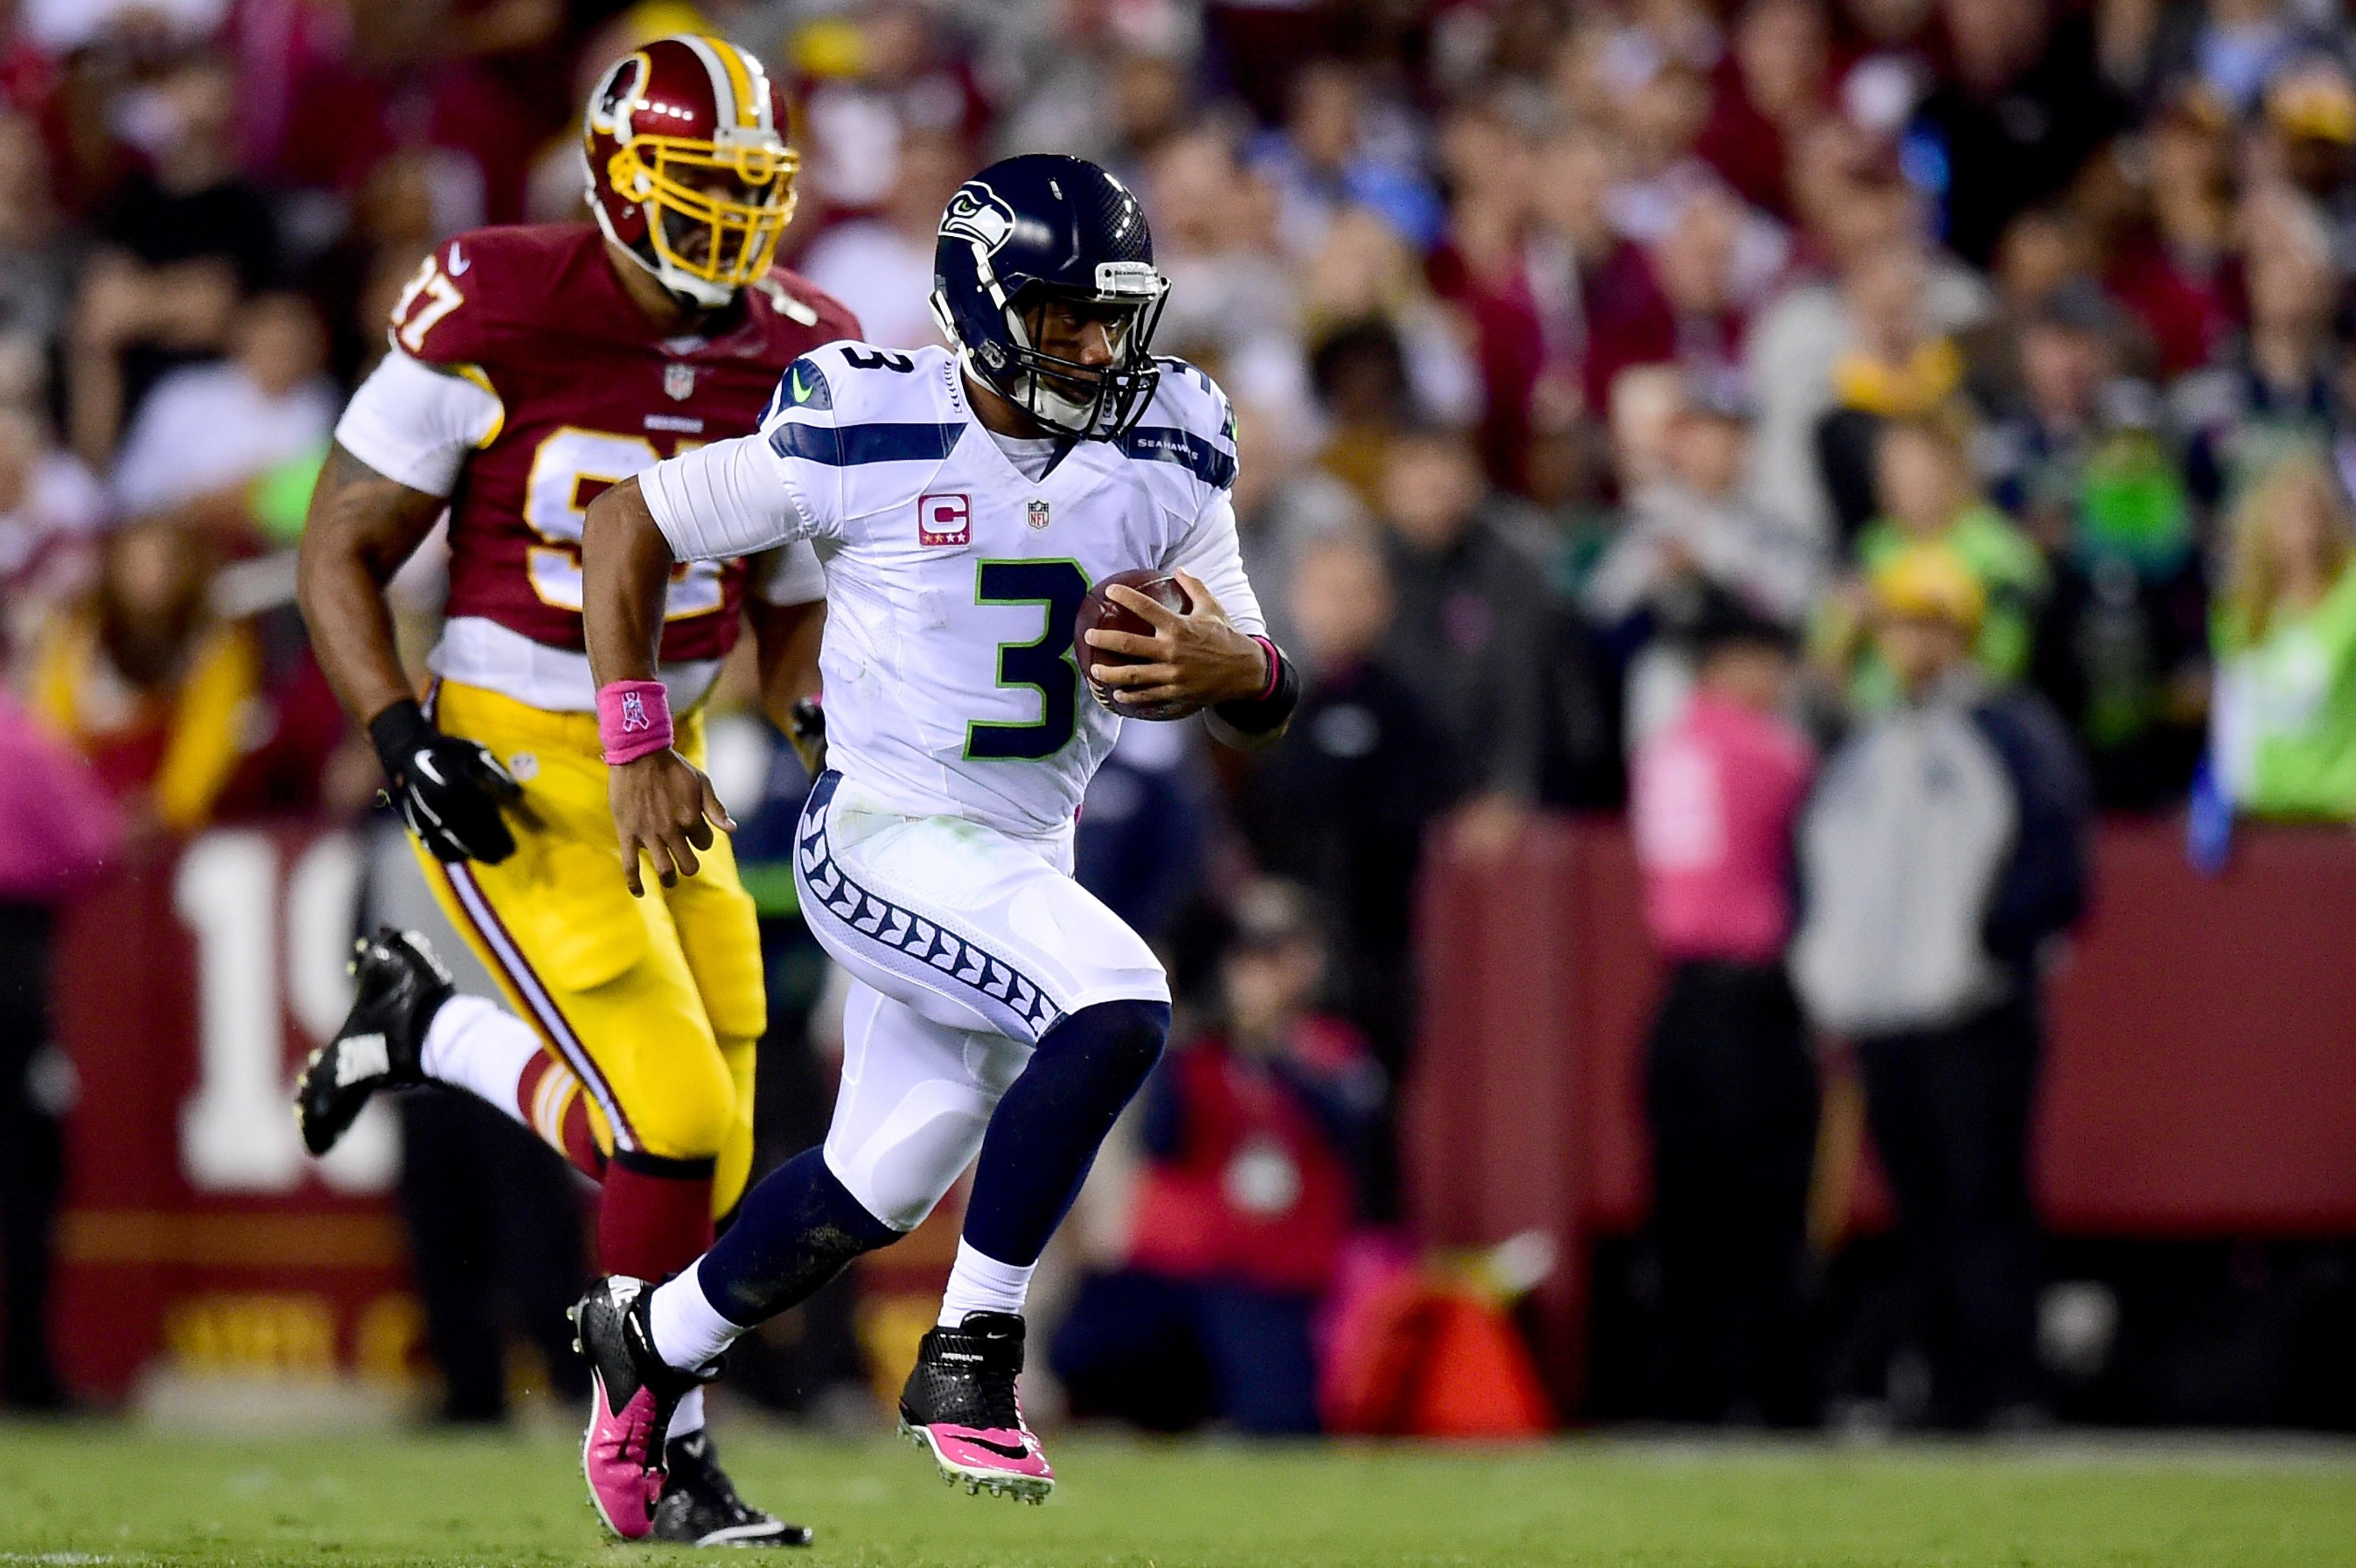 Seahawks vs. Washington 2014 final score: 3 things we learned in Seattle's 27-17 win